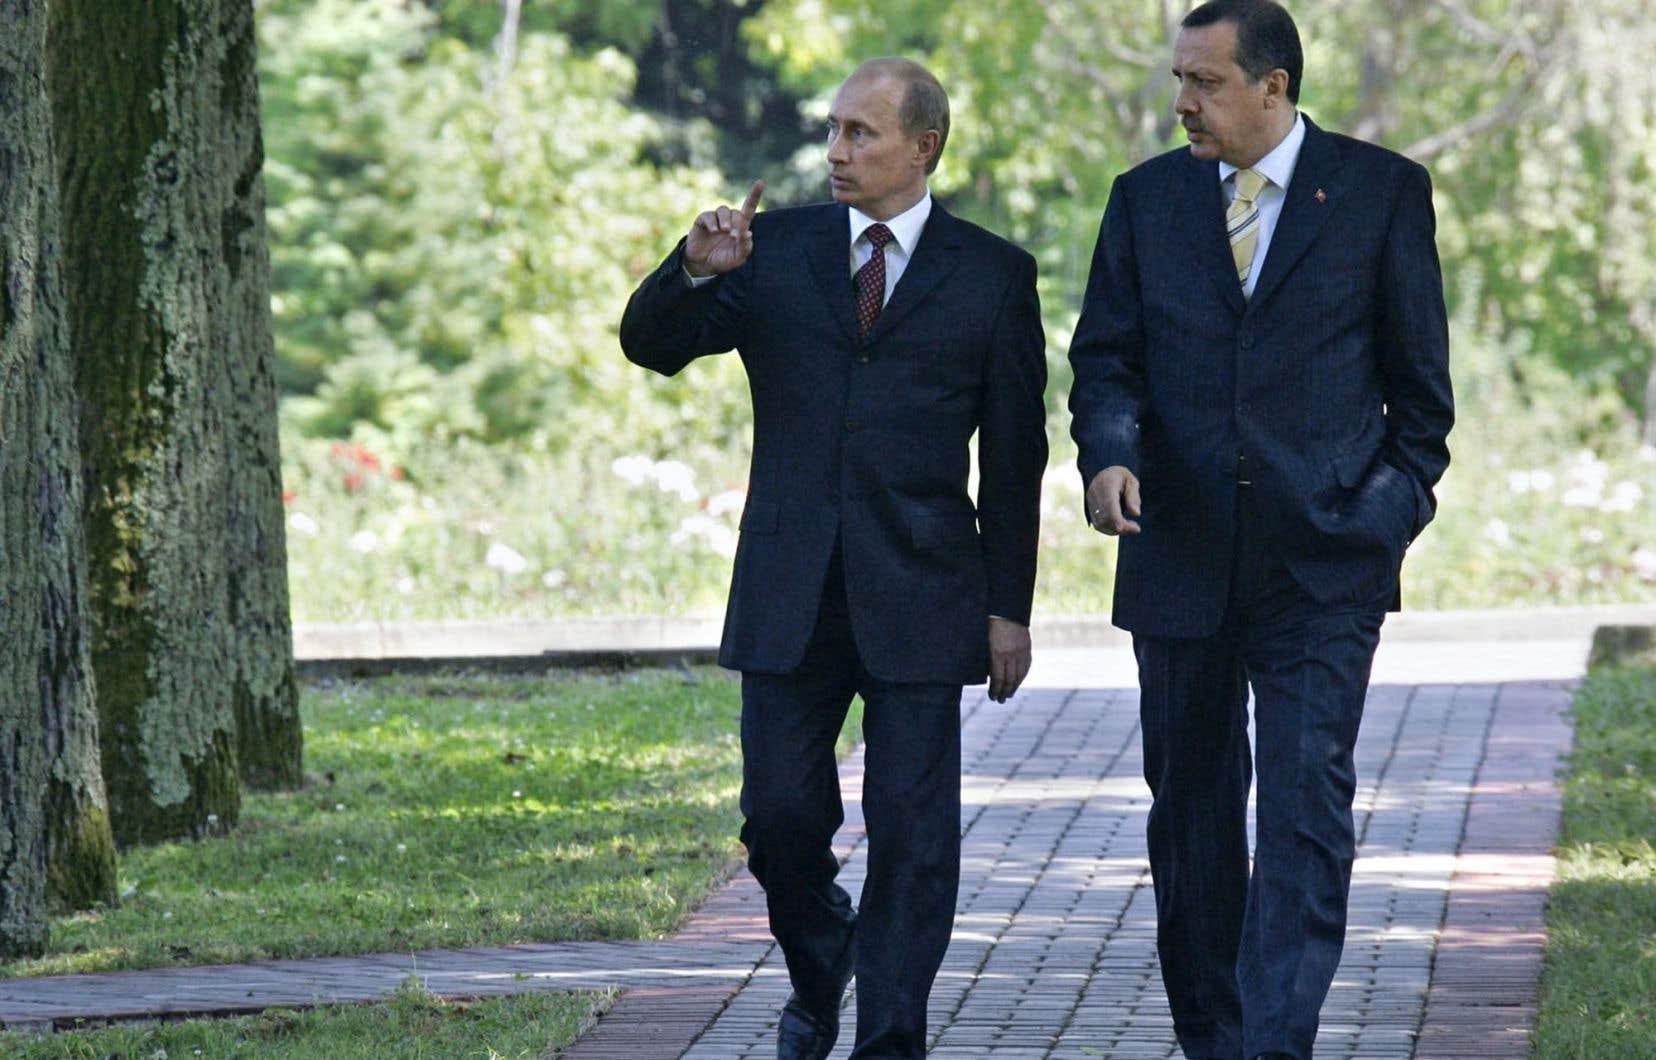 Les relations entre le président russe Vladimir Poutine et son homologue turc Recep Tayyip Erdogan s'étaient passablement détériorées après la destruction d'un bombardier russe en novembre dernier.